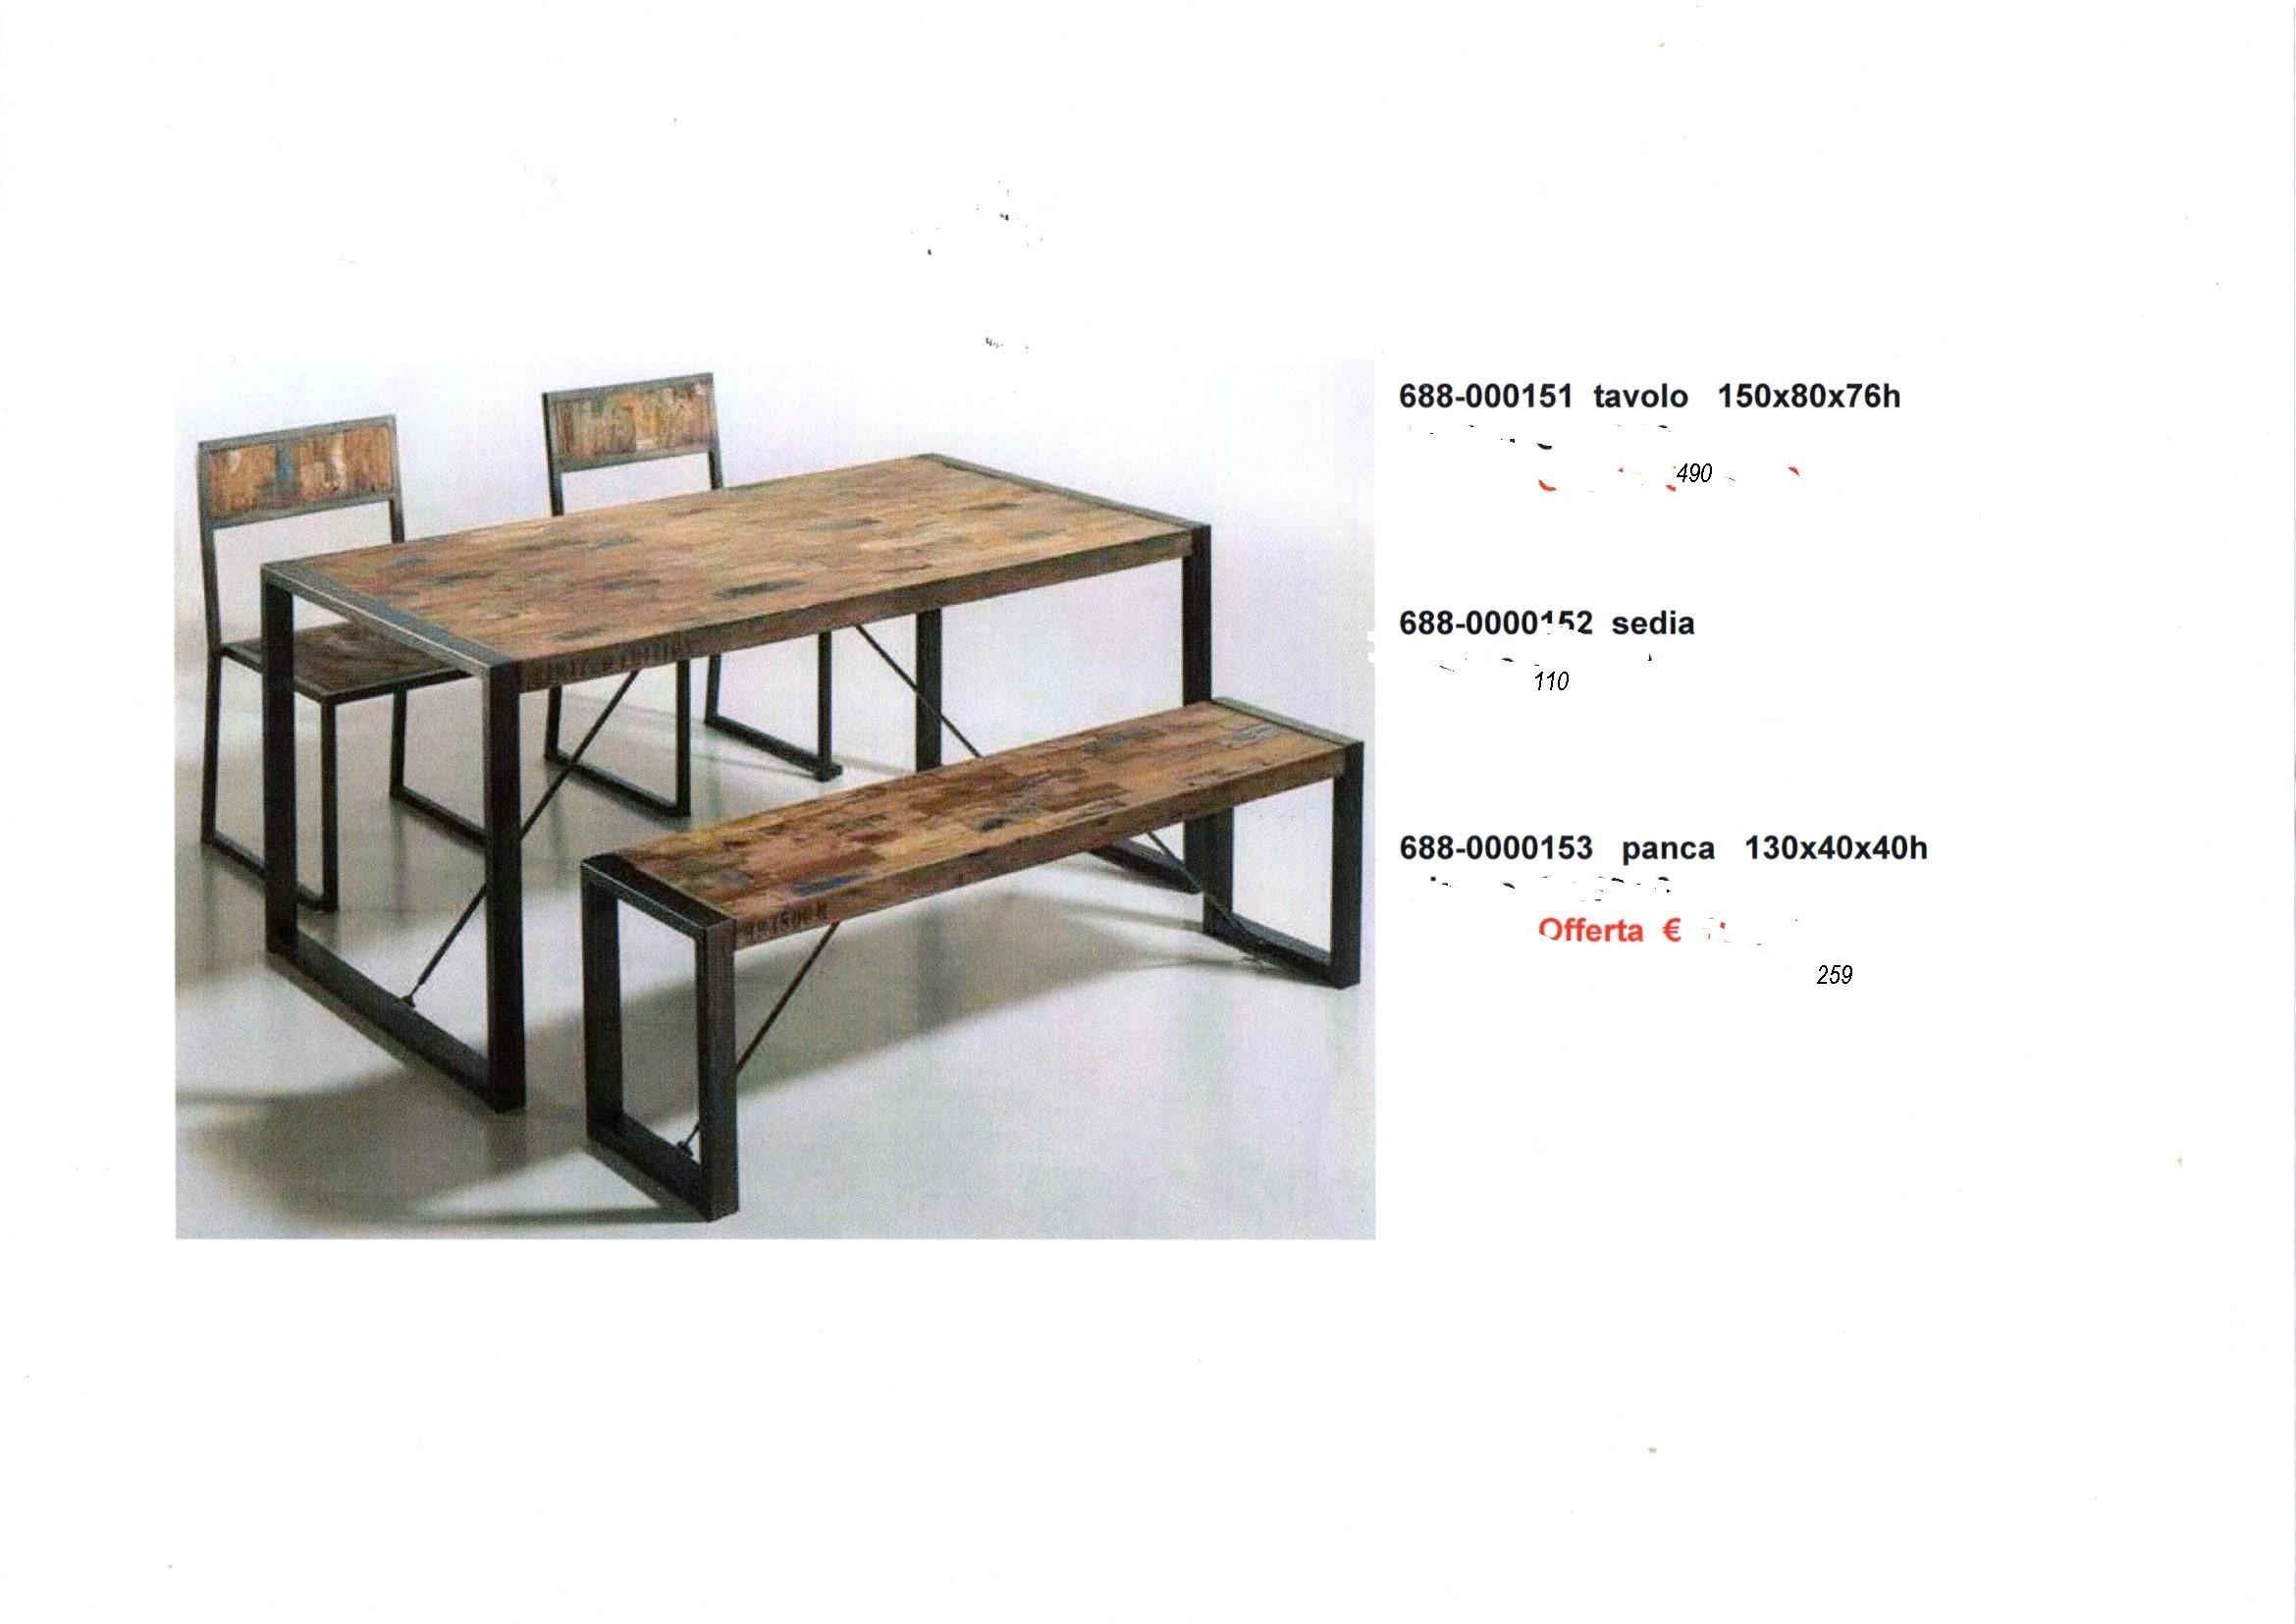 Panca tavolo sedie industriale complementi a prezzi scontati for Tavolo industrial style